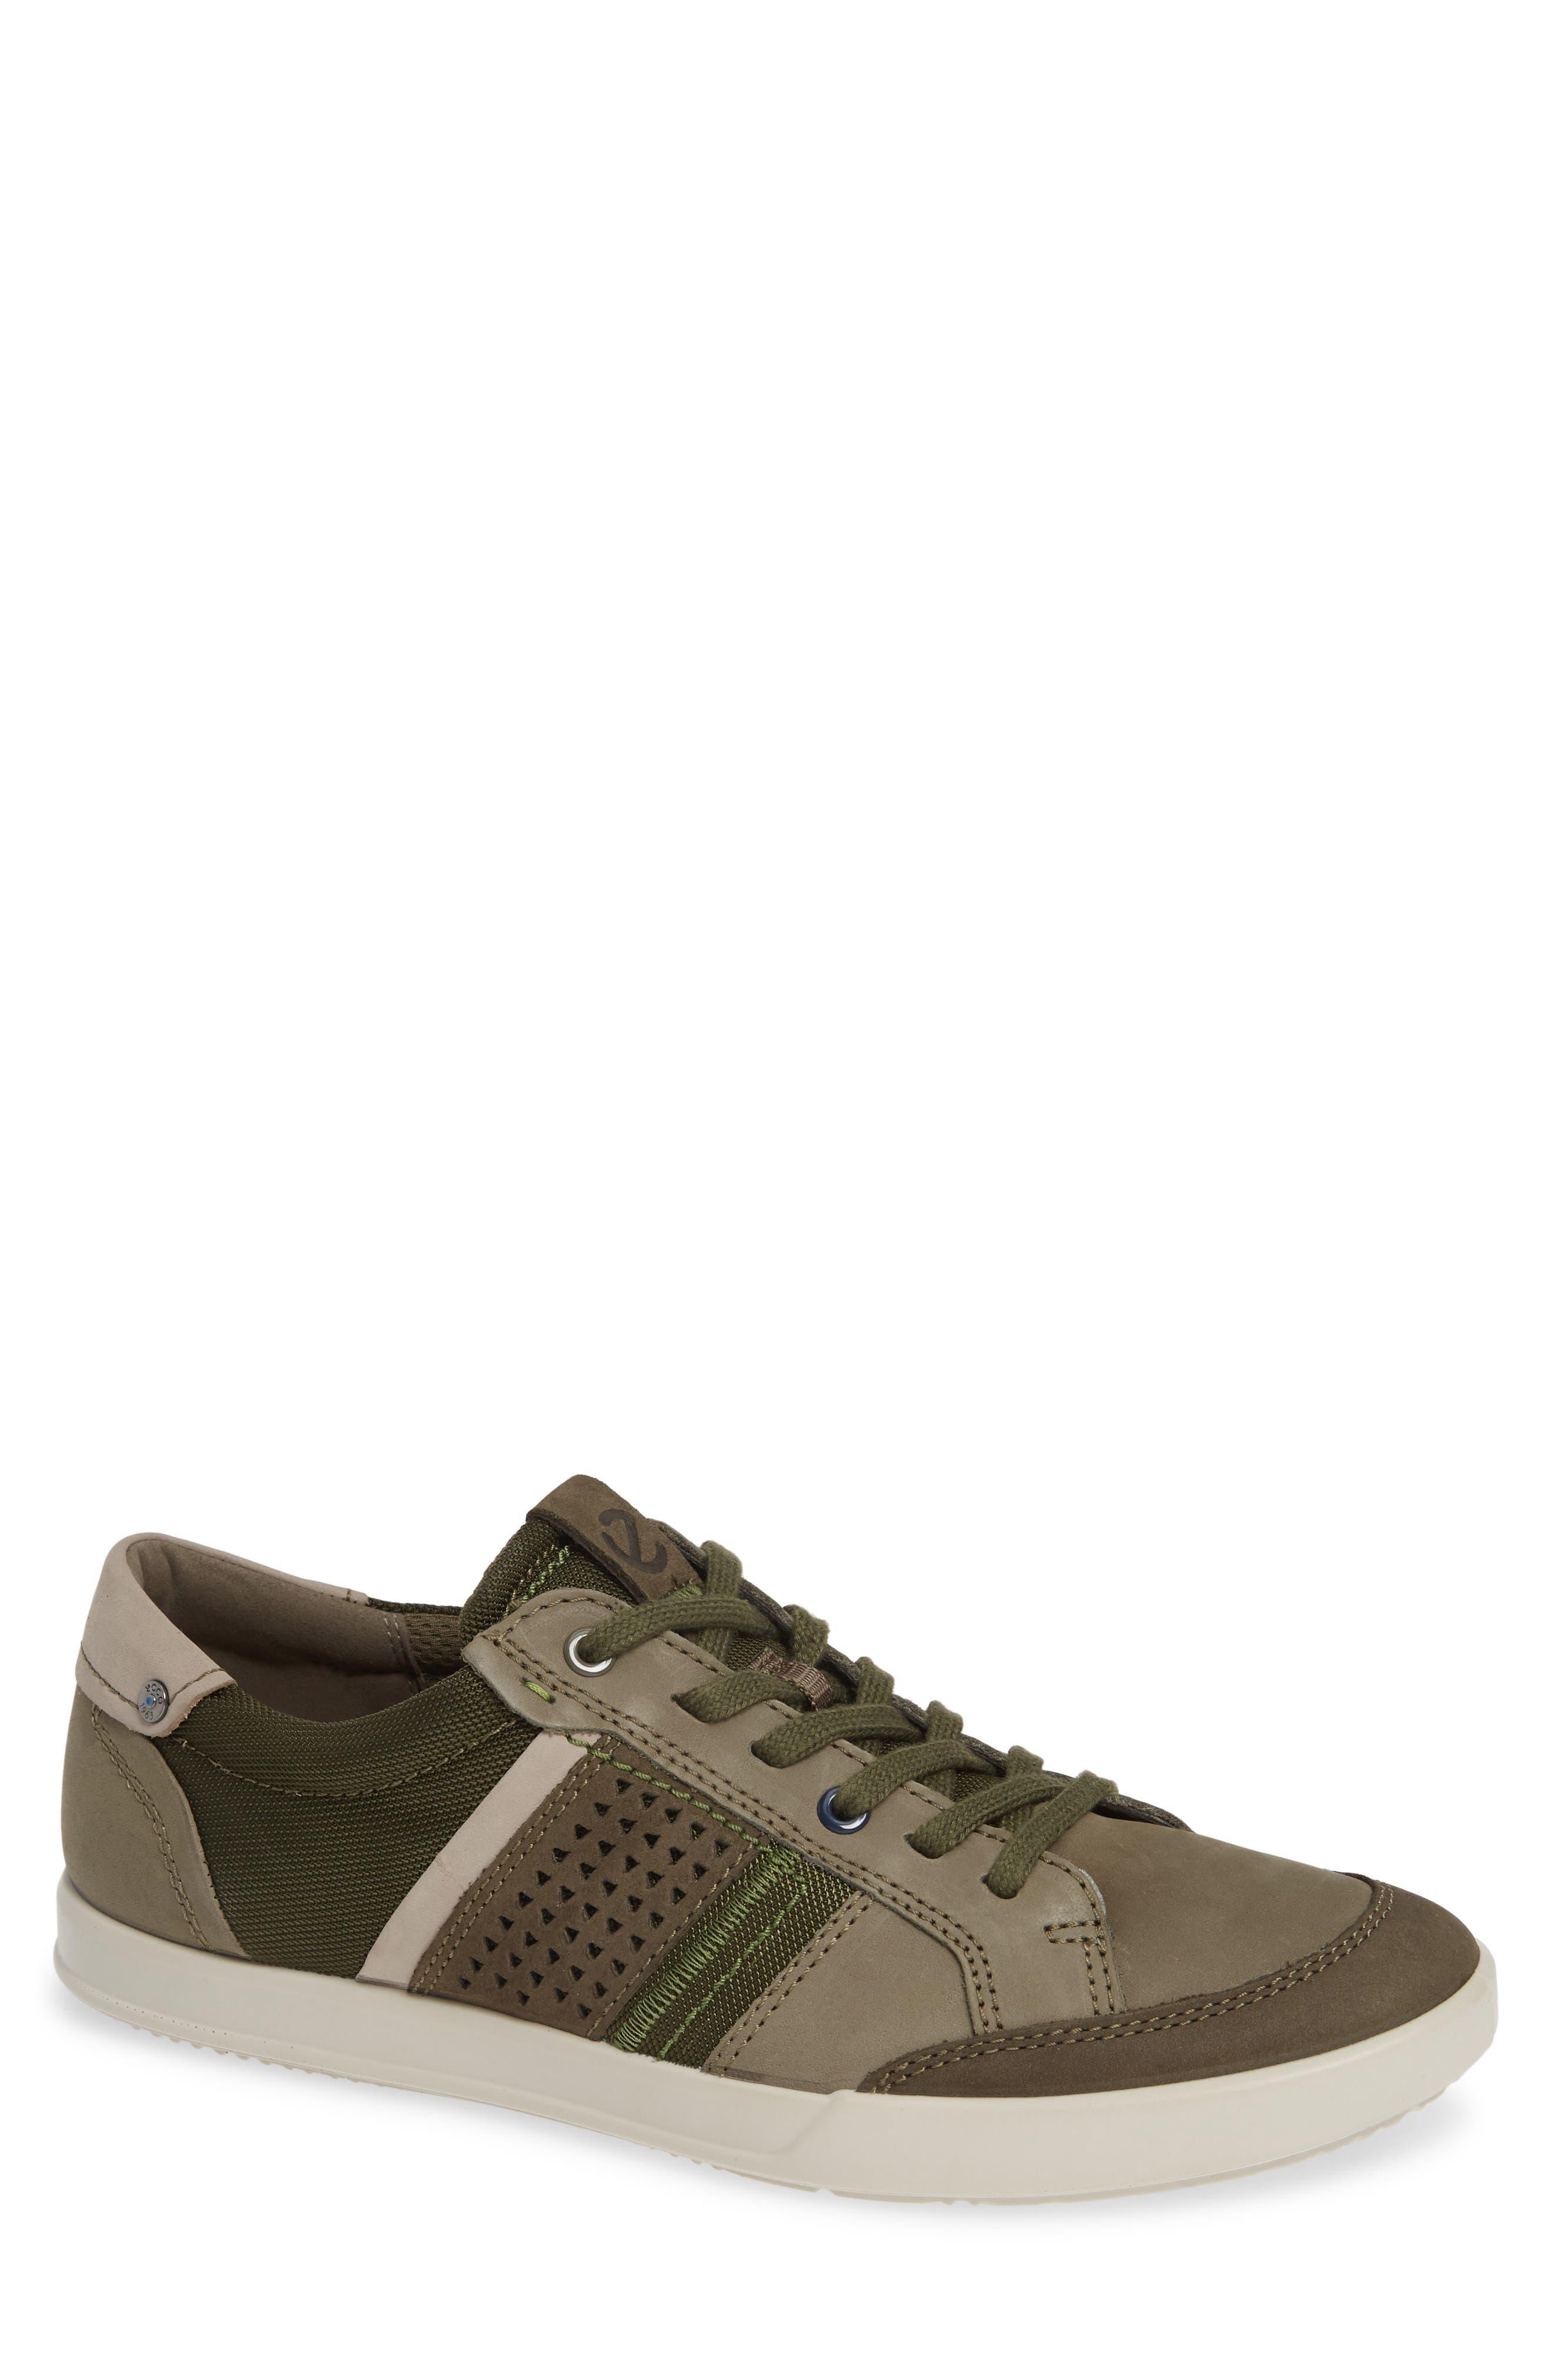 ECCO Collin 2.0 Sneaker, Main, color, TARMAC LEATHER